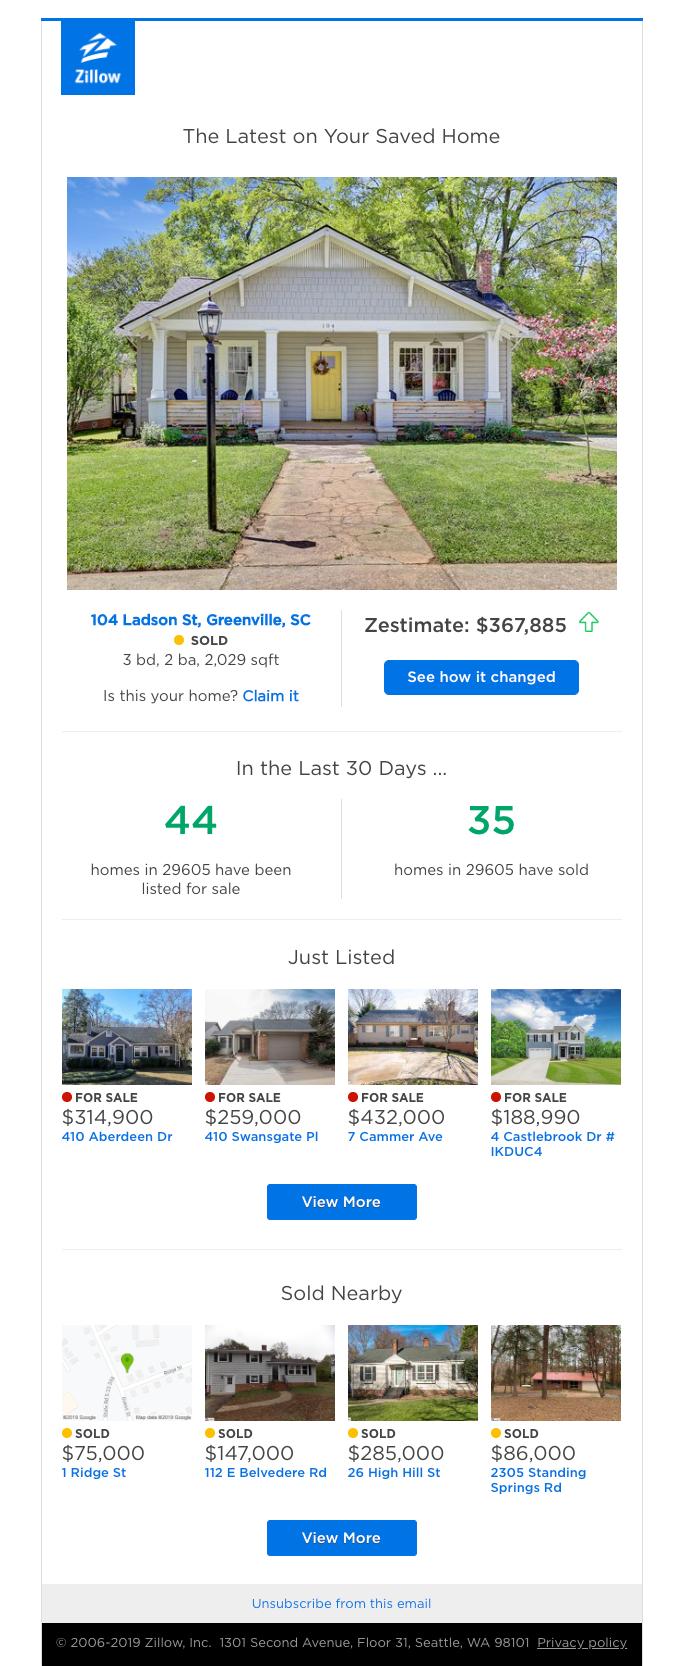 пример персонализированной рассылки о недвижимости от Zillow